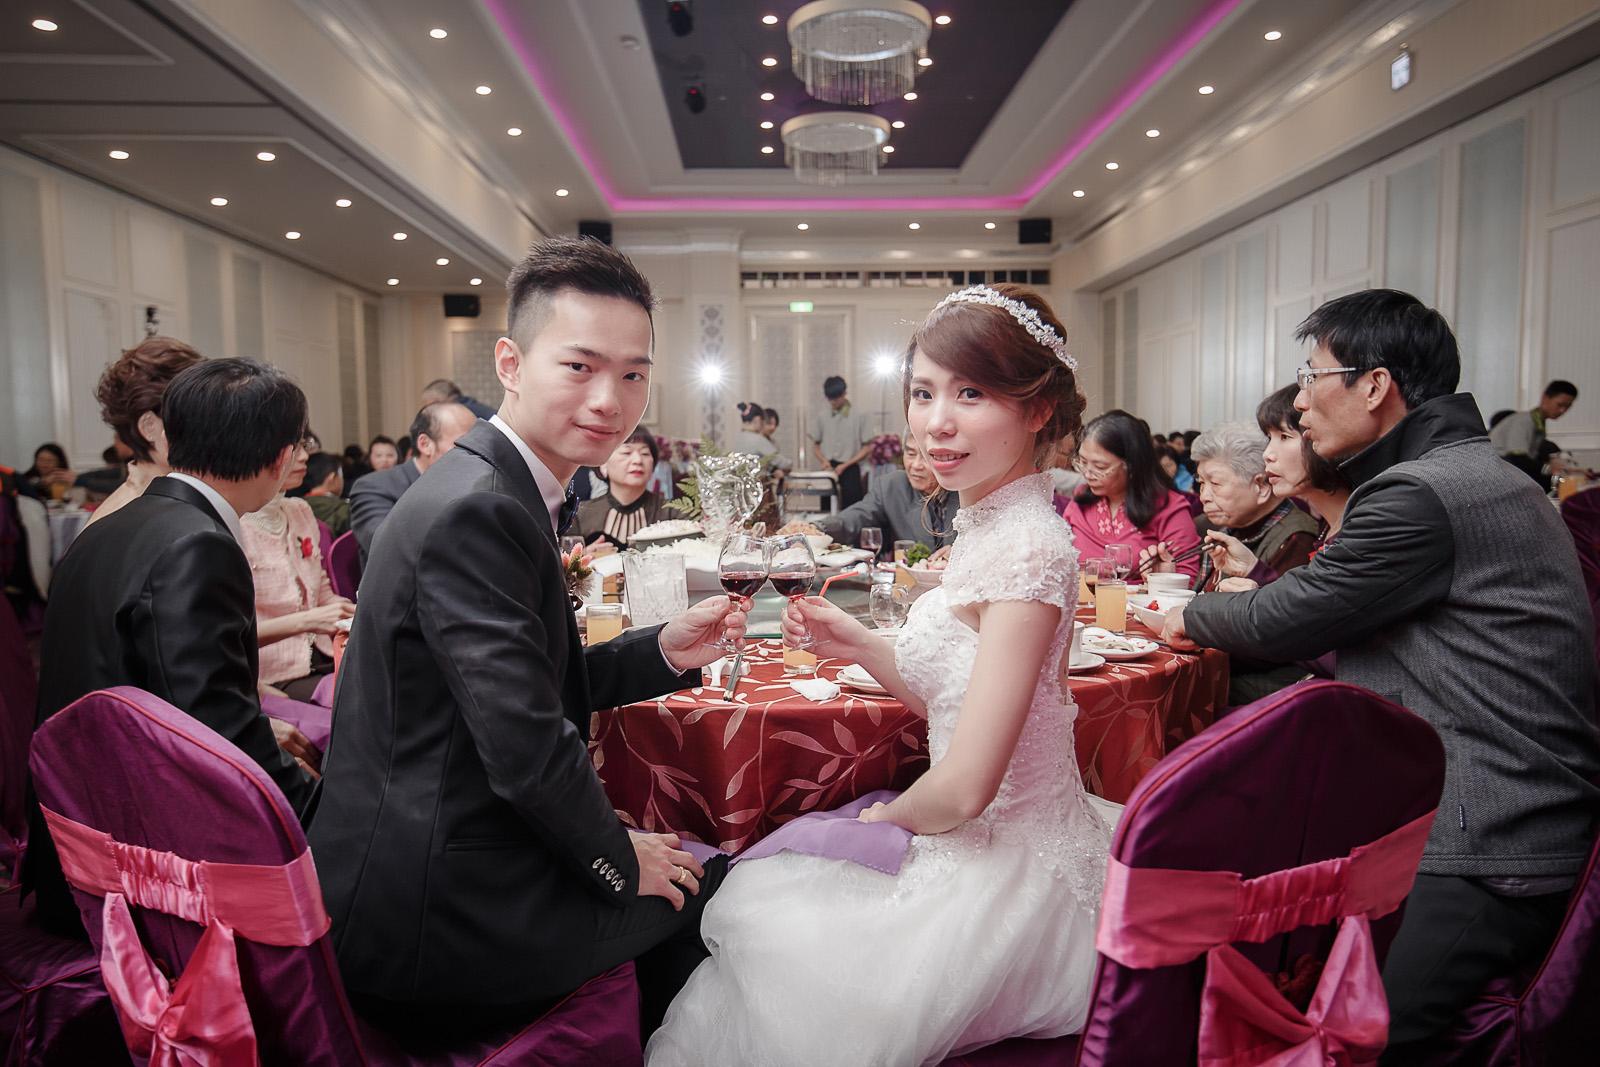 高雄圓山飯店,婚禮攝影,婚攝,高雄婚攝,優質婚攝推薦,Jen&Ethan-267